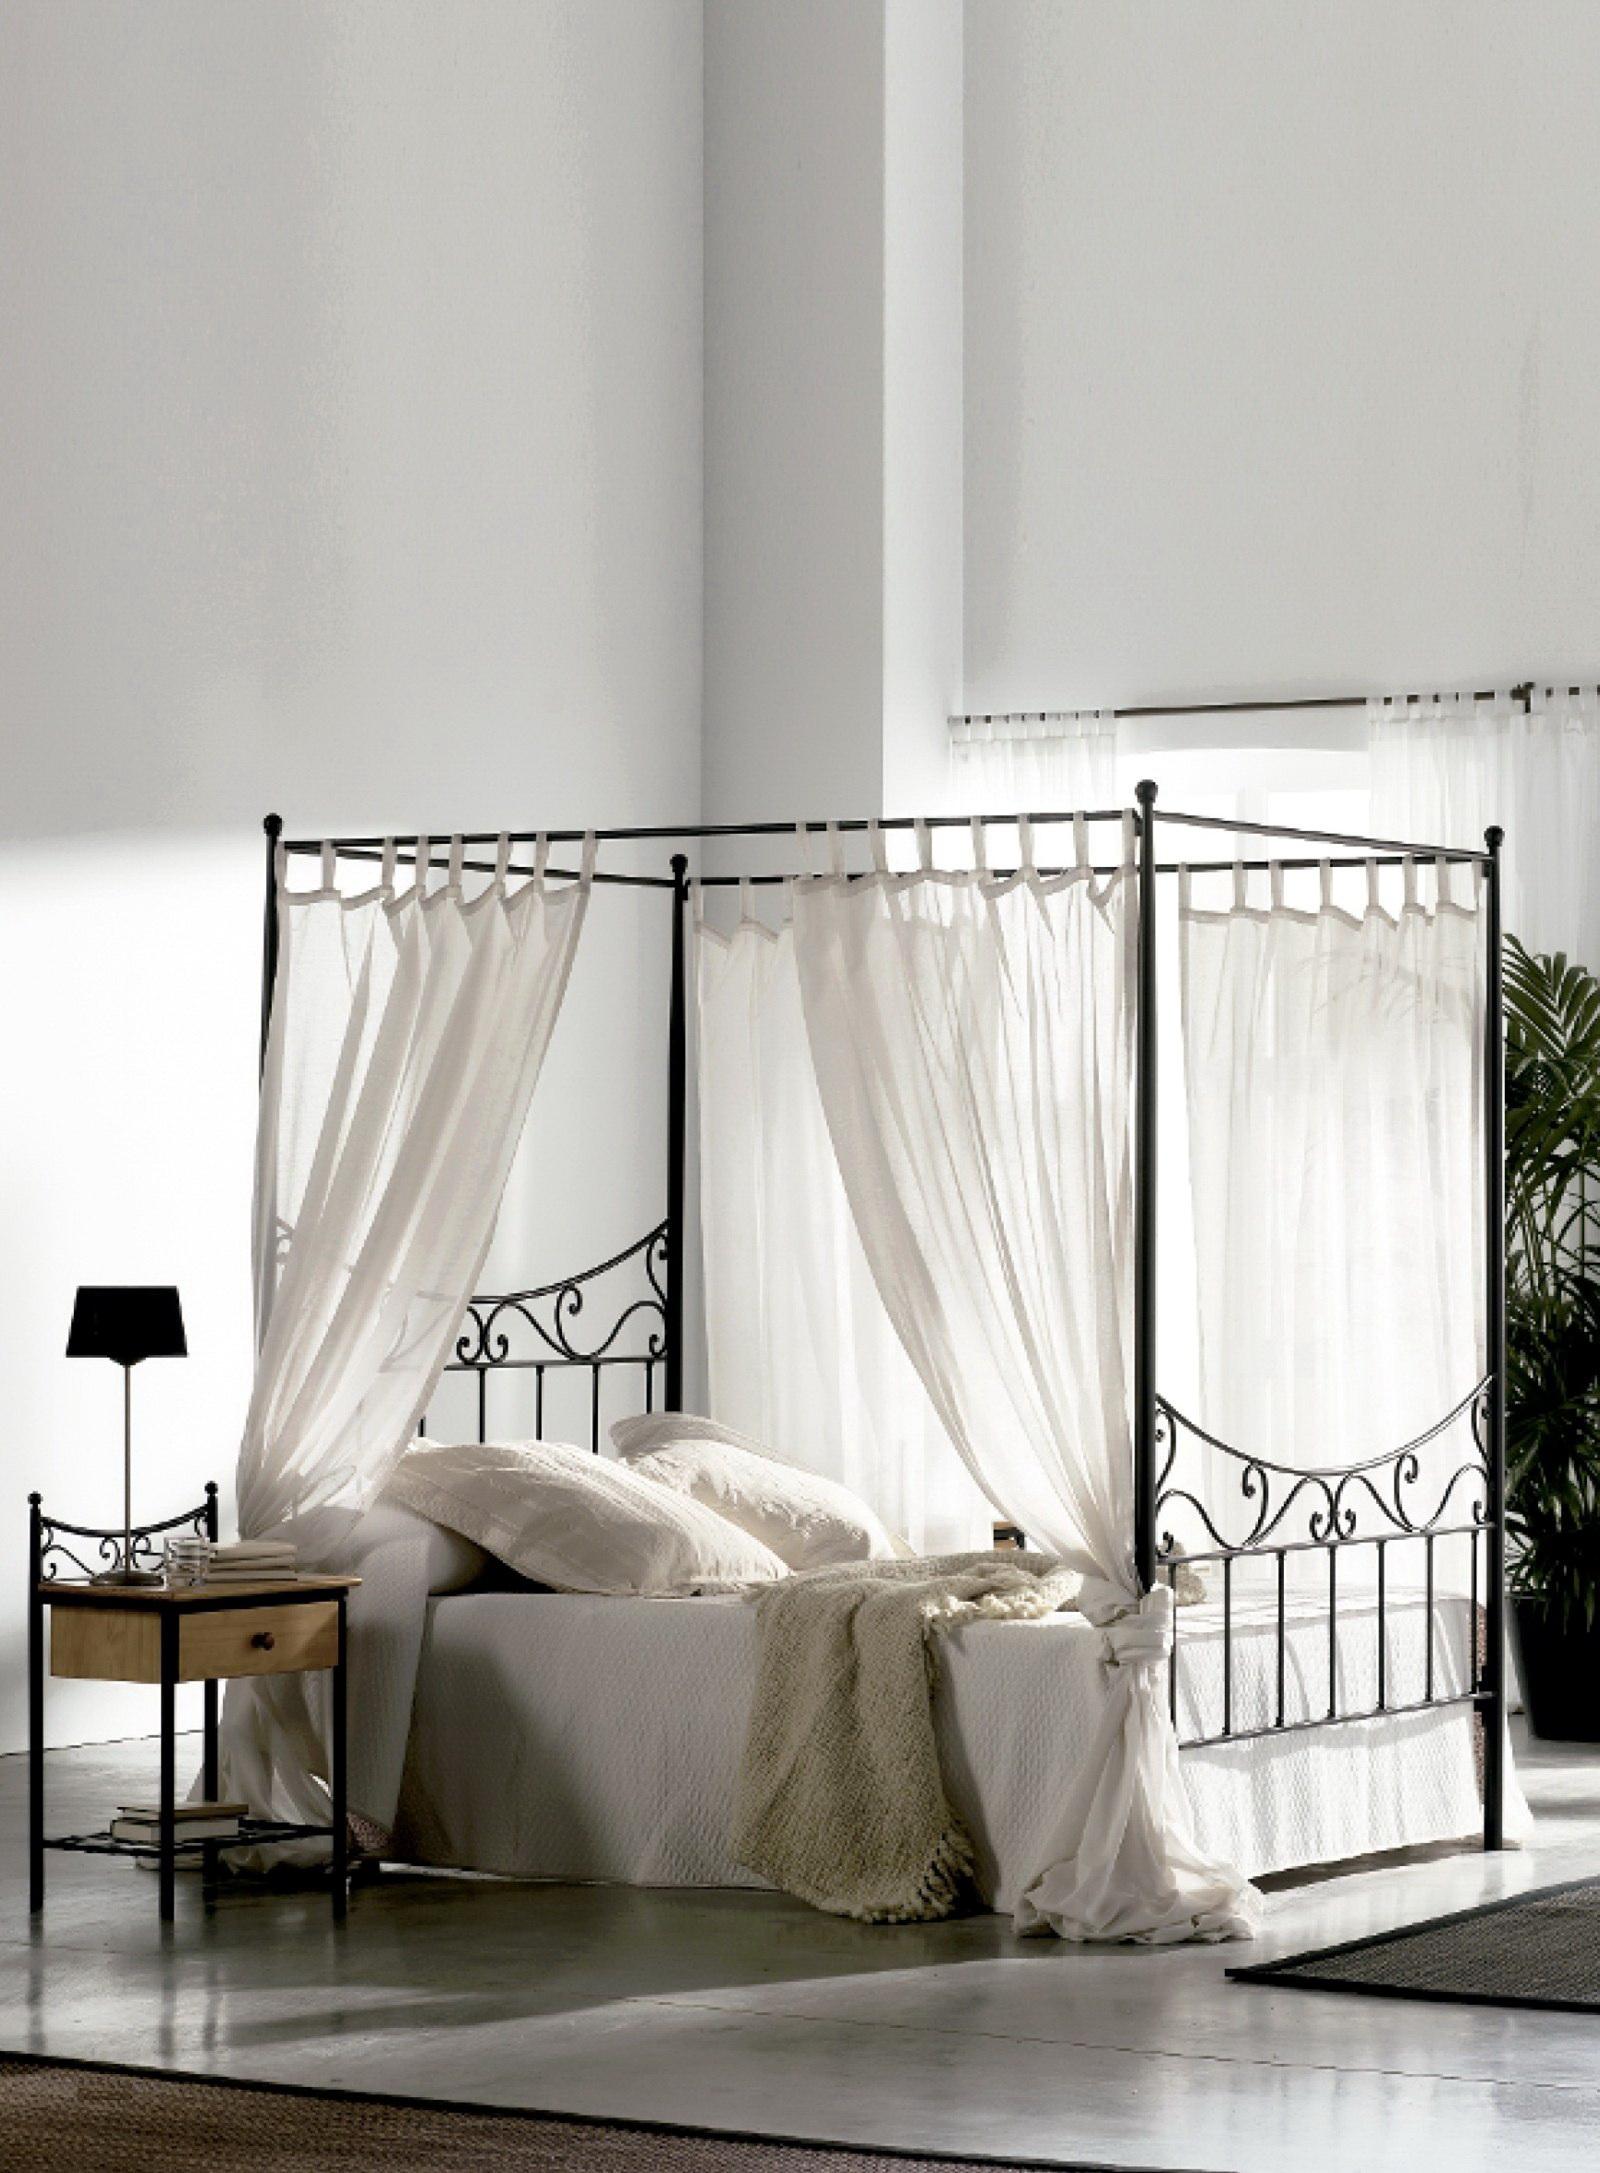 Dormitorio Estilo R Stico En Forja By Jayso Muebles Anto N # Jayso Muebles De Forja